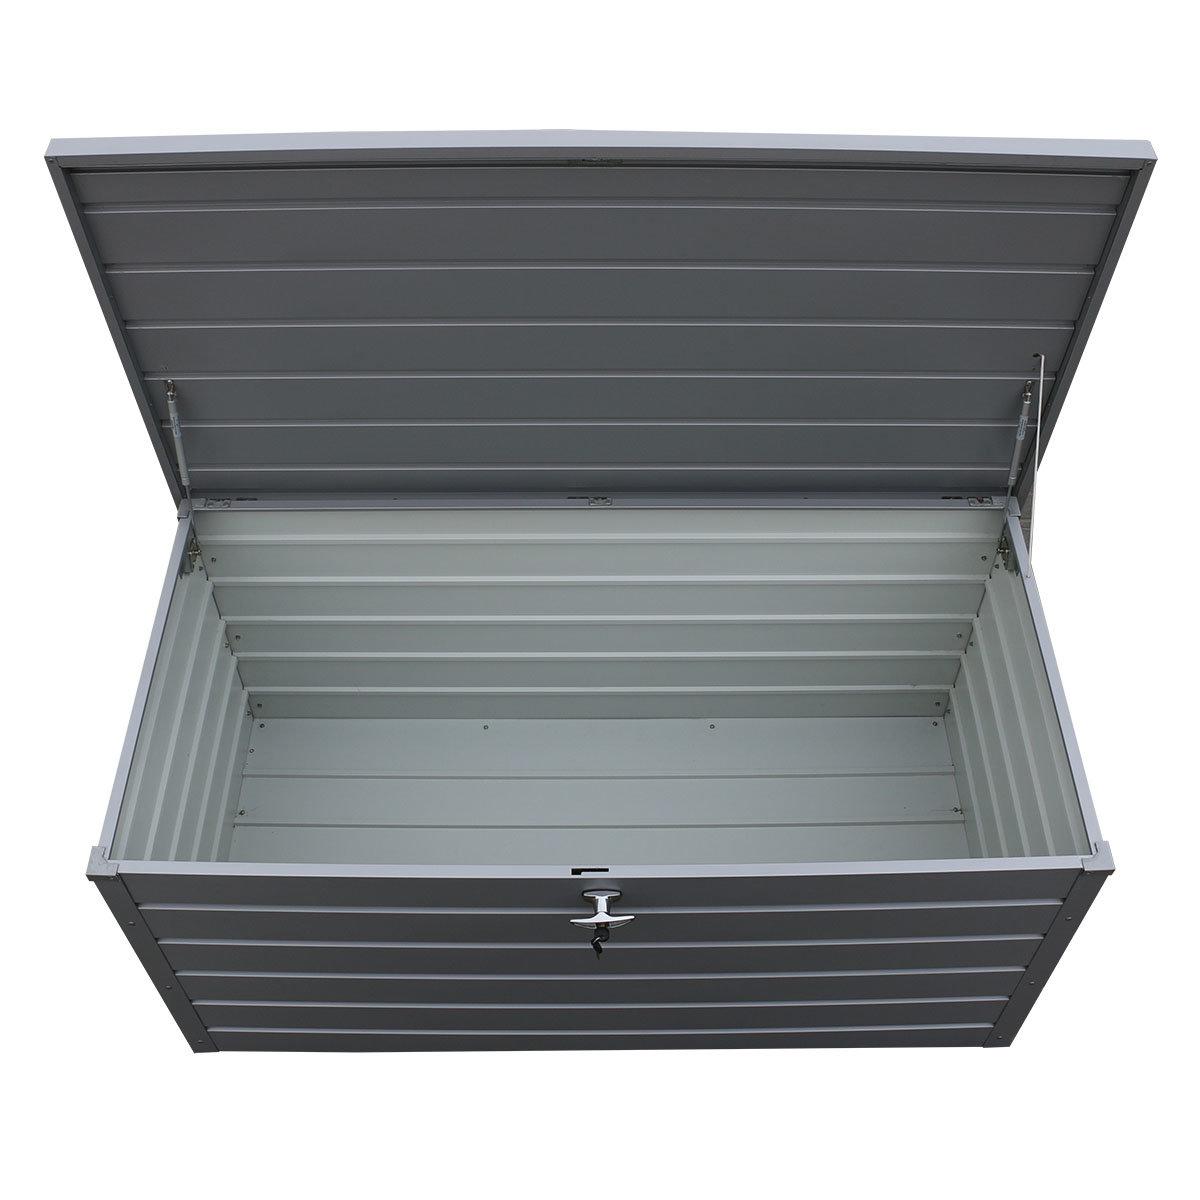 Metall-Gerätebox Palladium | #3